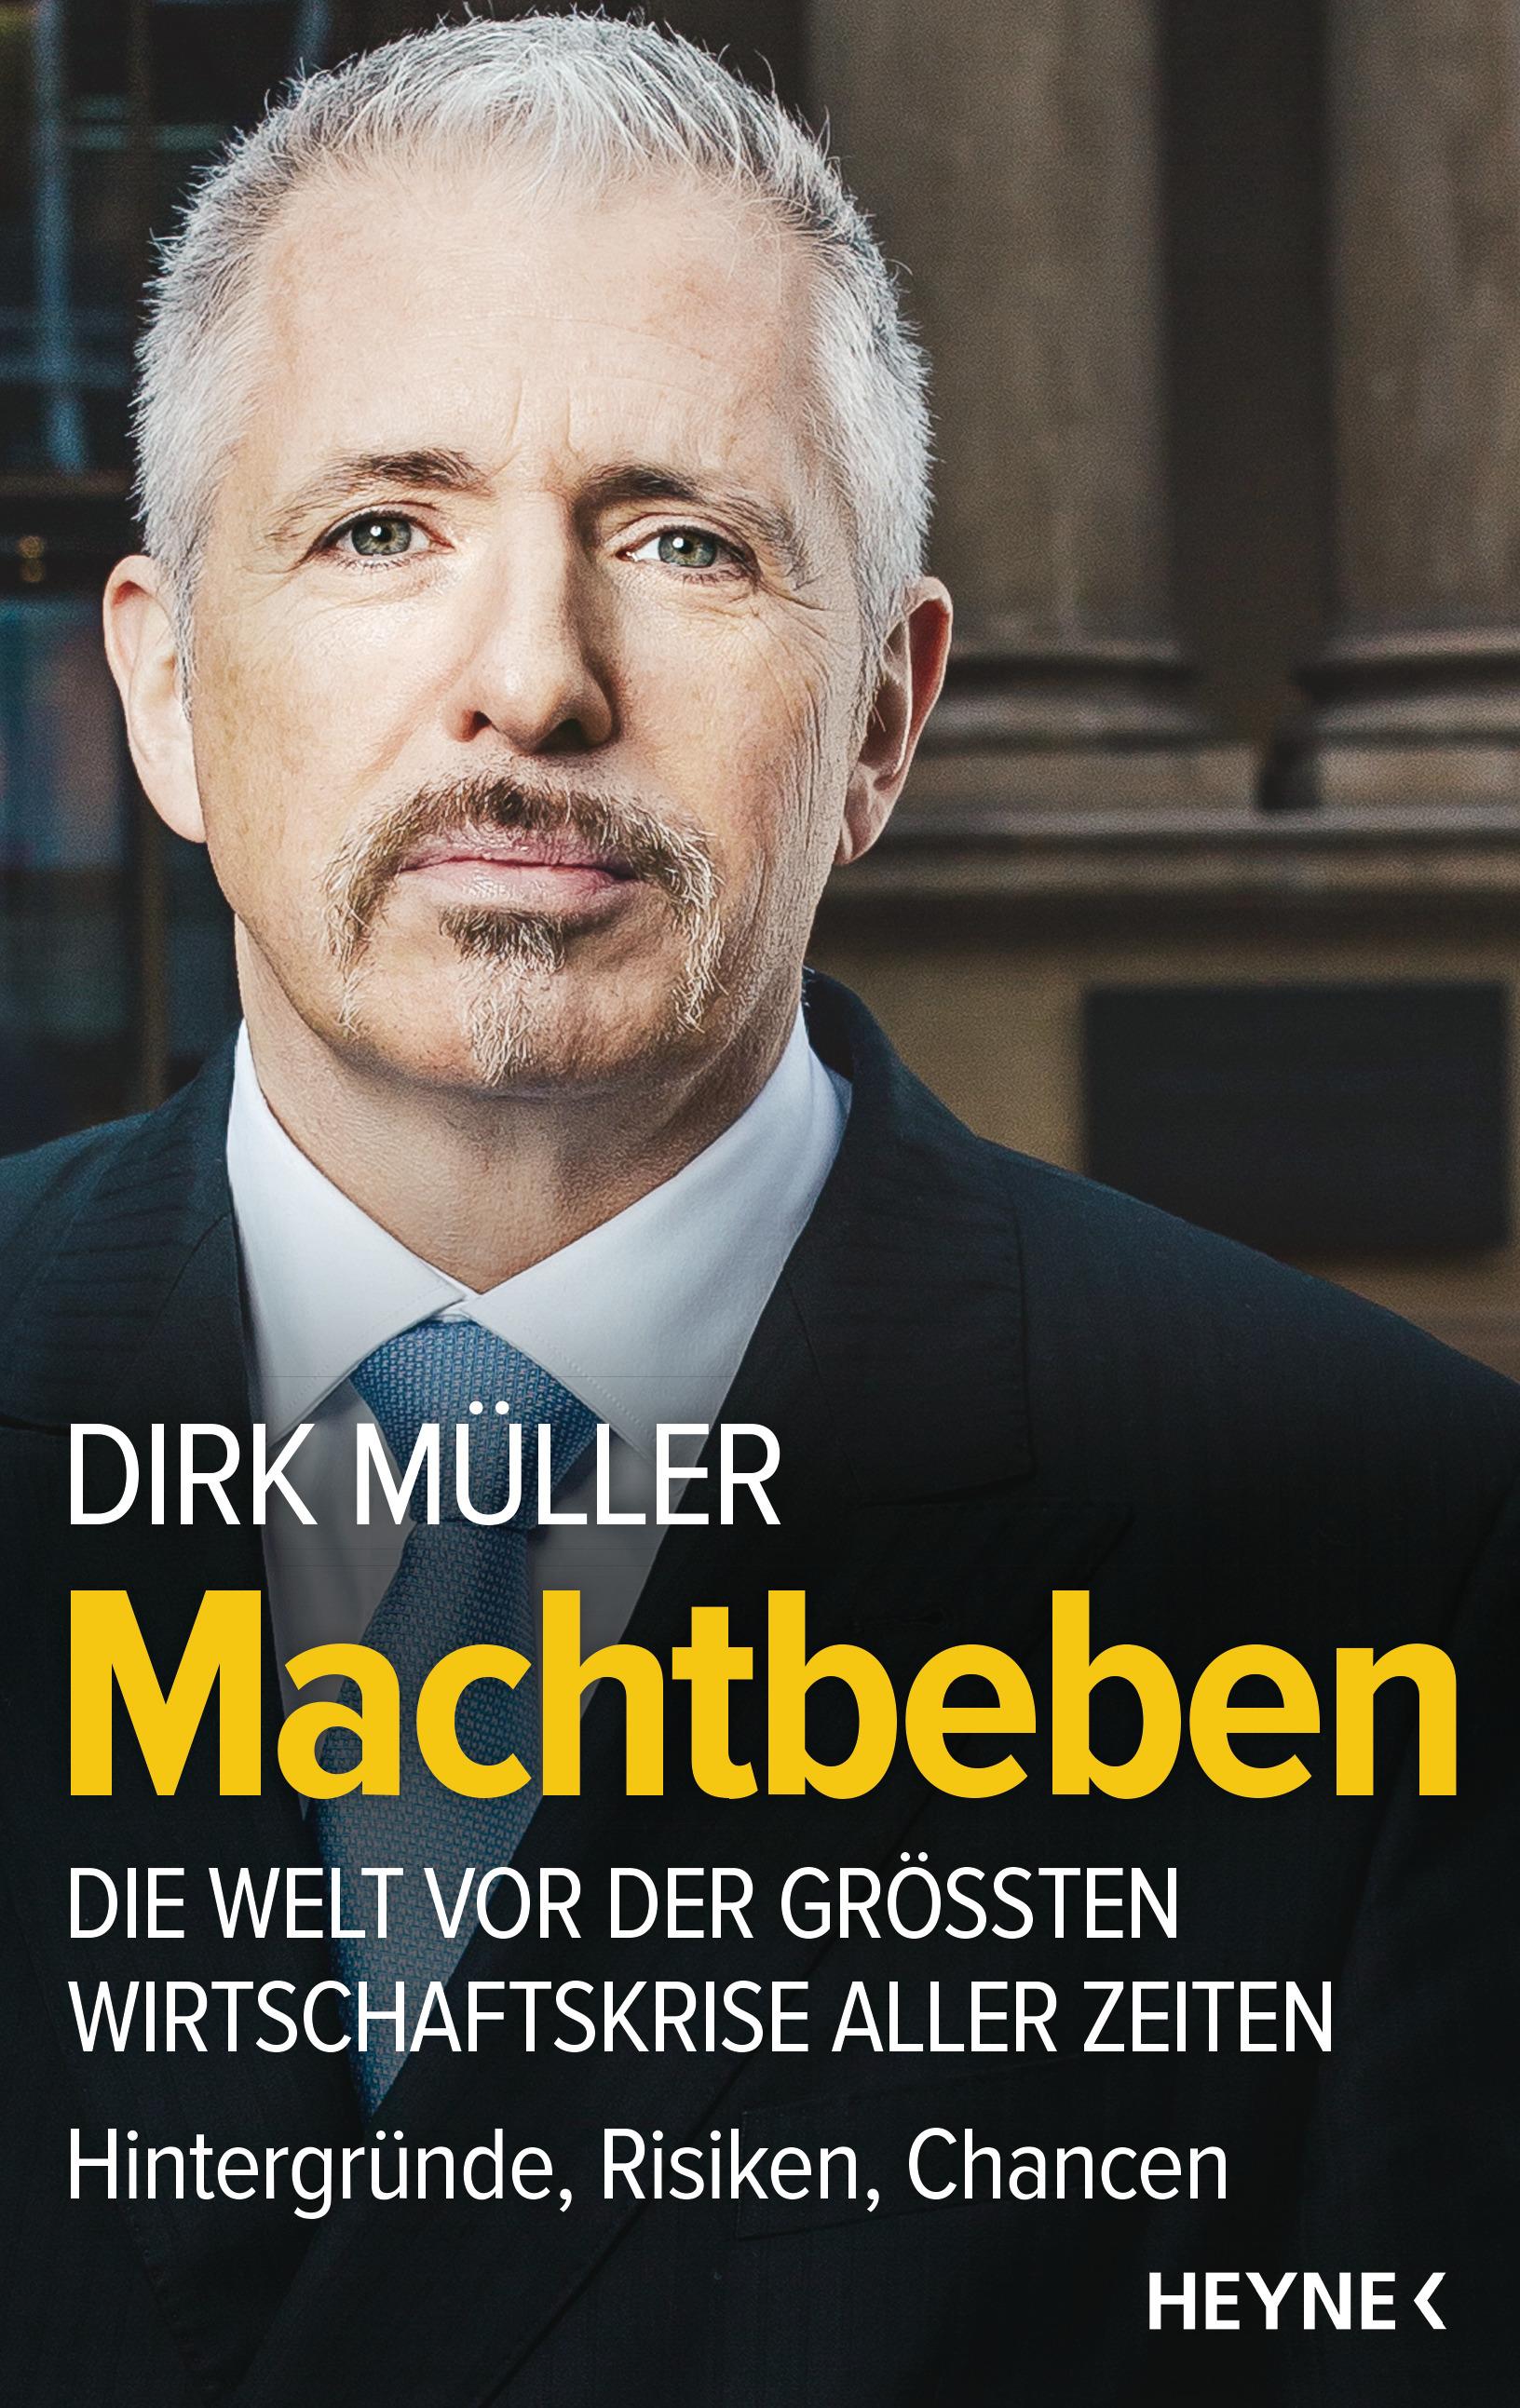 Handsigniertes Buch von Dirk Müller